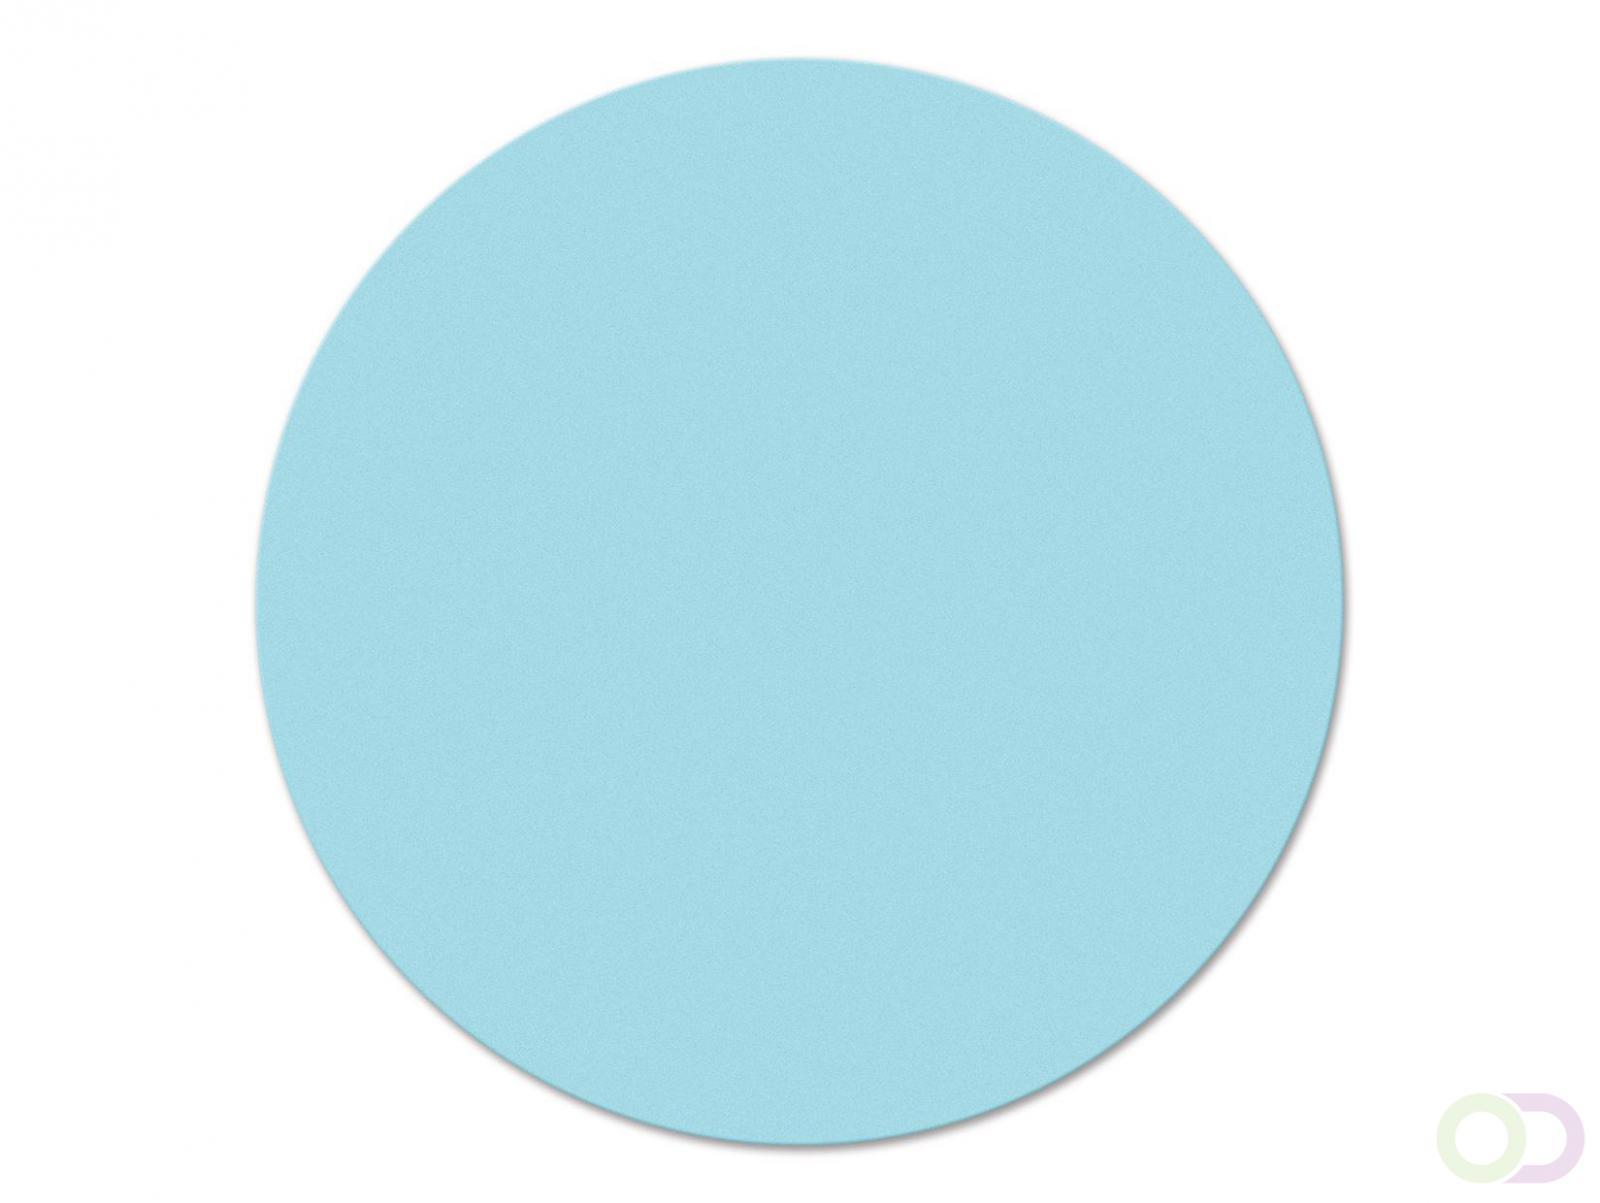 Ronde kaarten 19 cm, 250 stuks lichtblauw